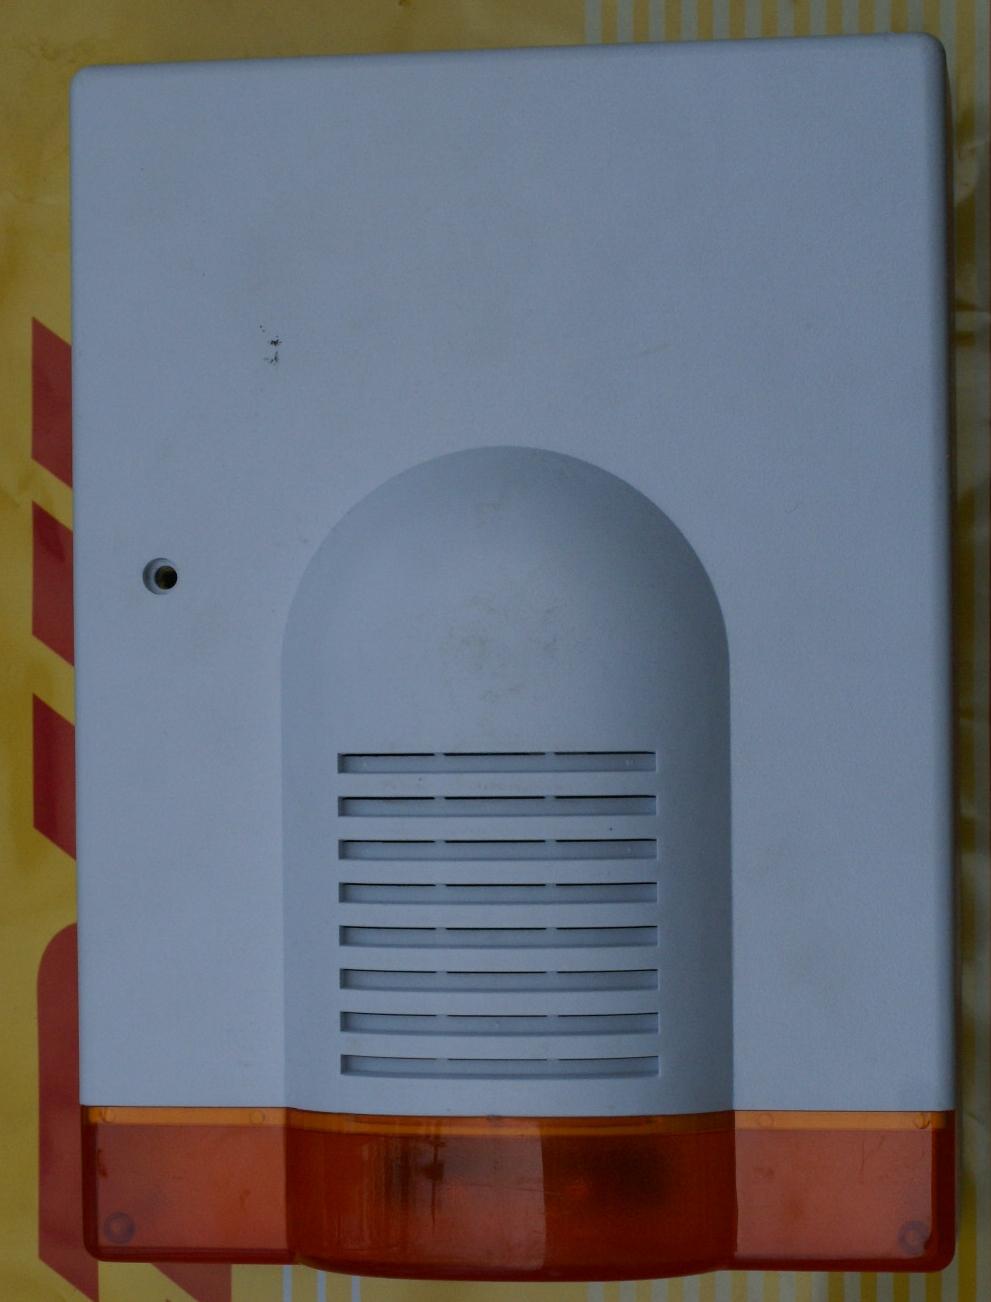 Sygnalizator zewn�trzny,marka i typ nn